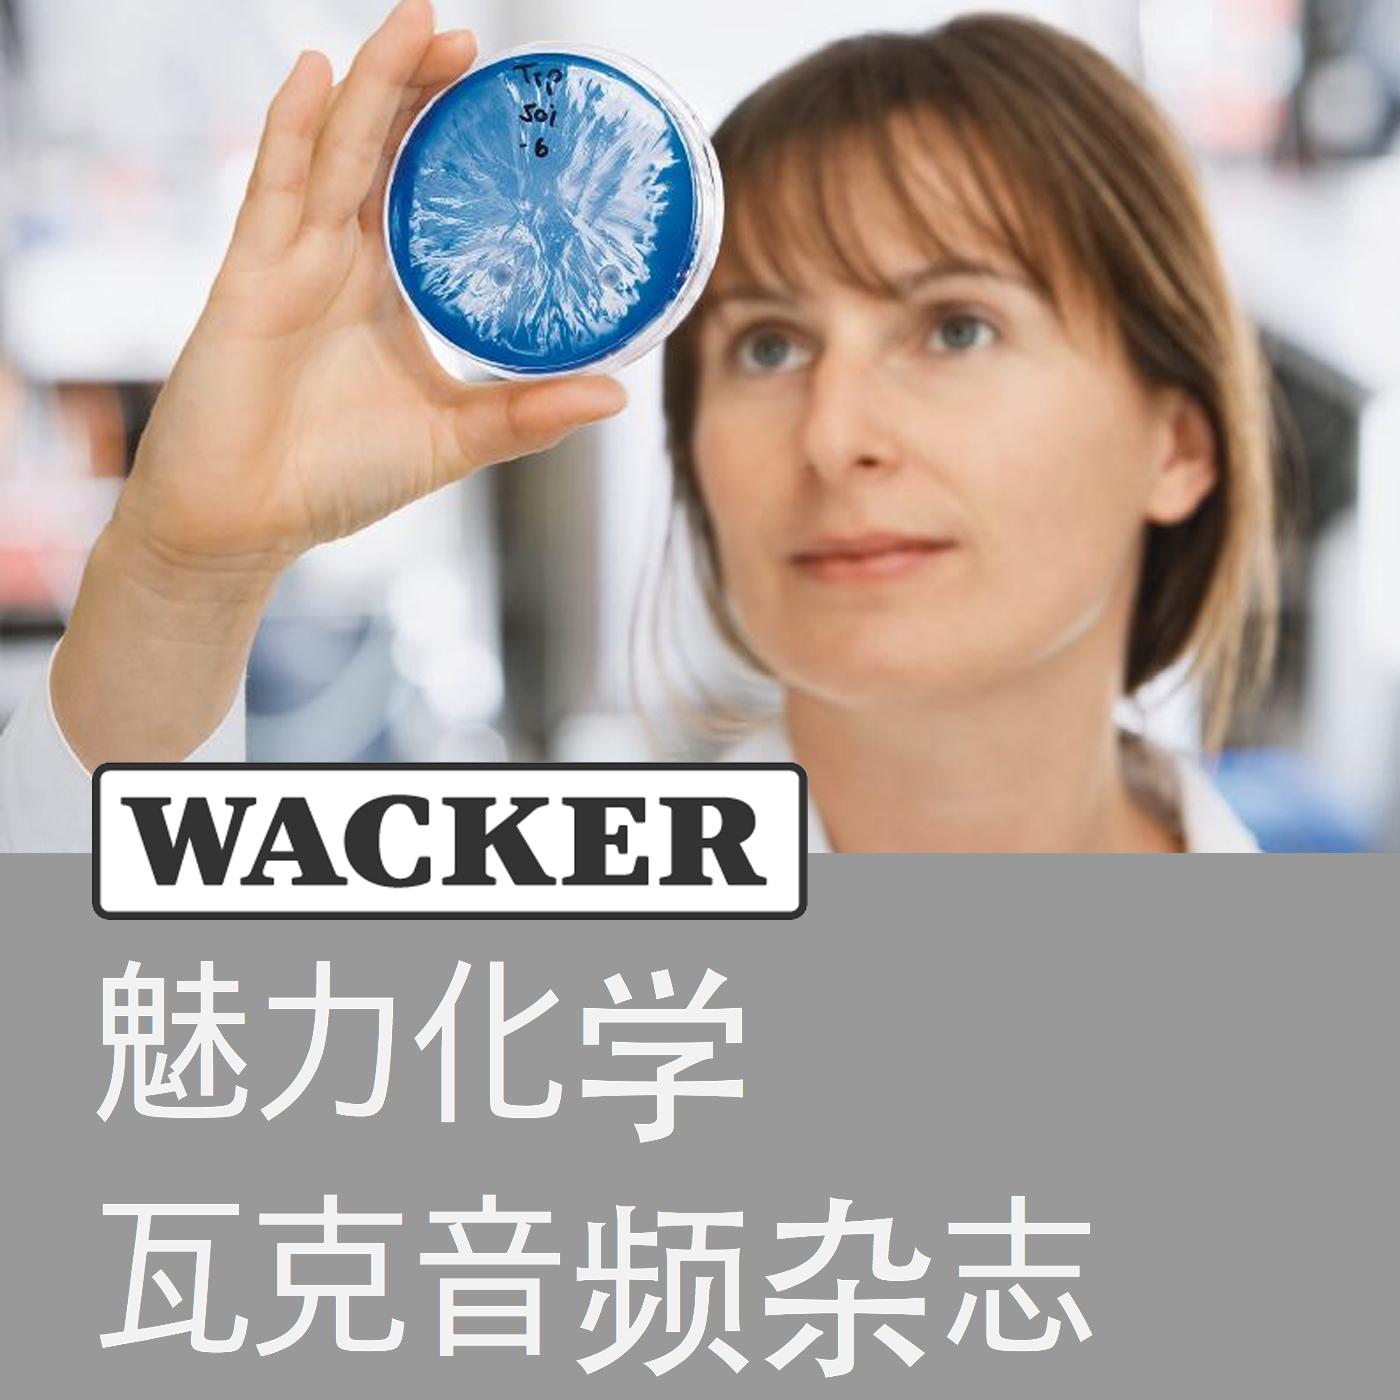 魅力化学 — 瓦克音频杂志 (Wacker Chemie AG)